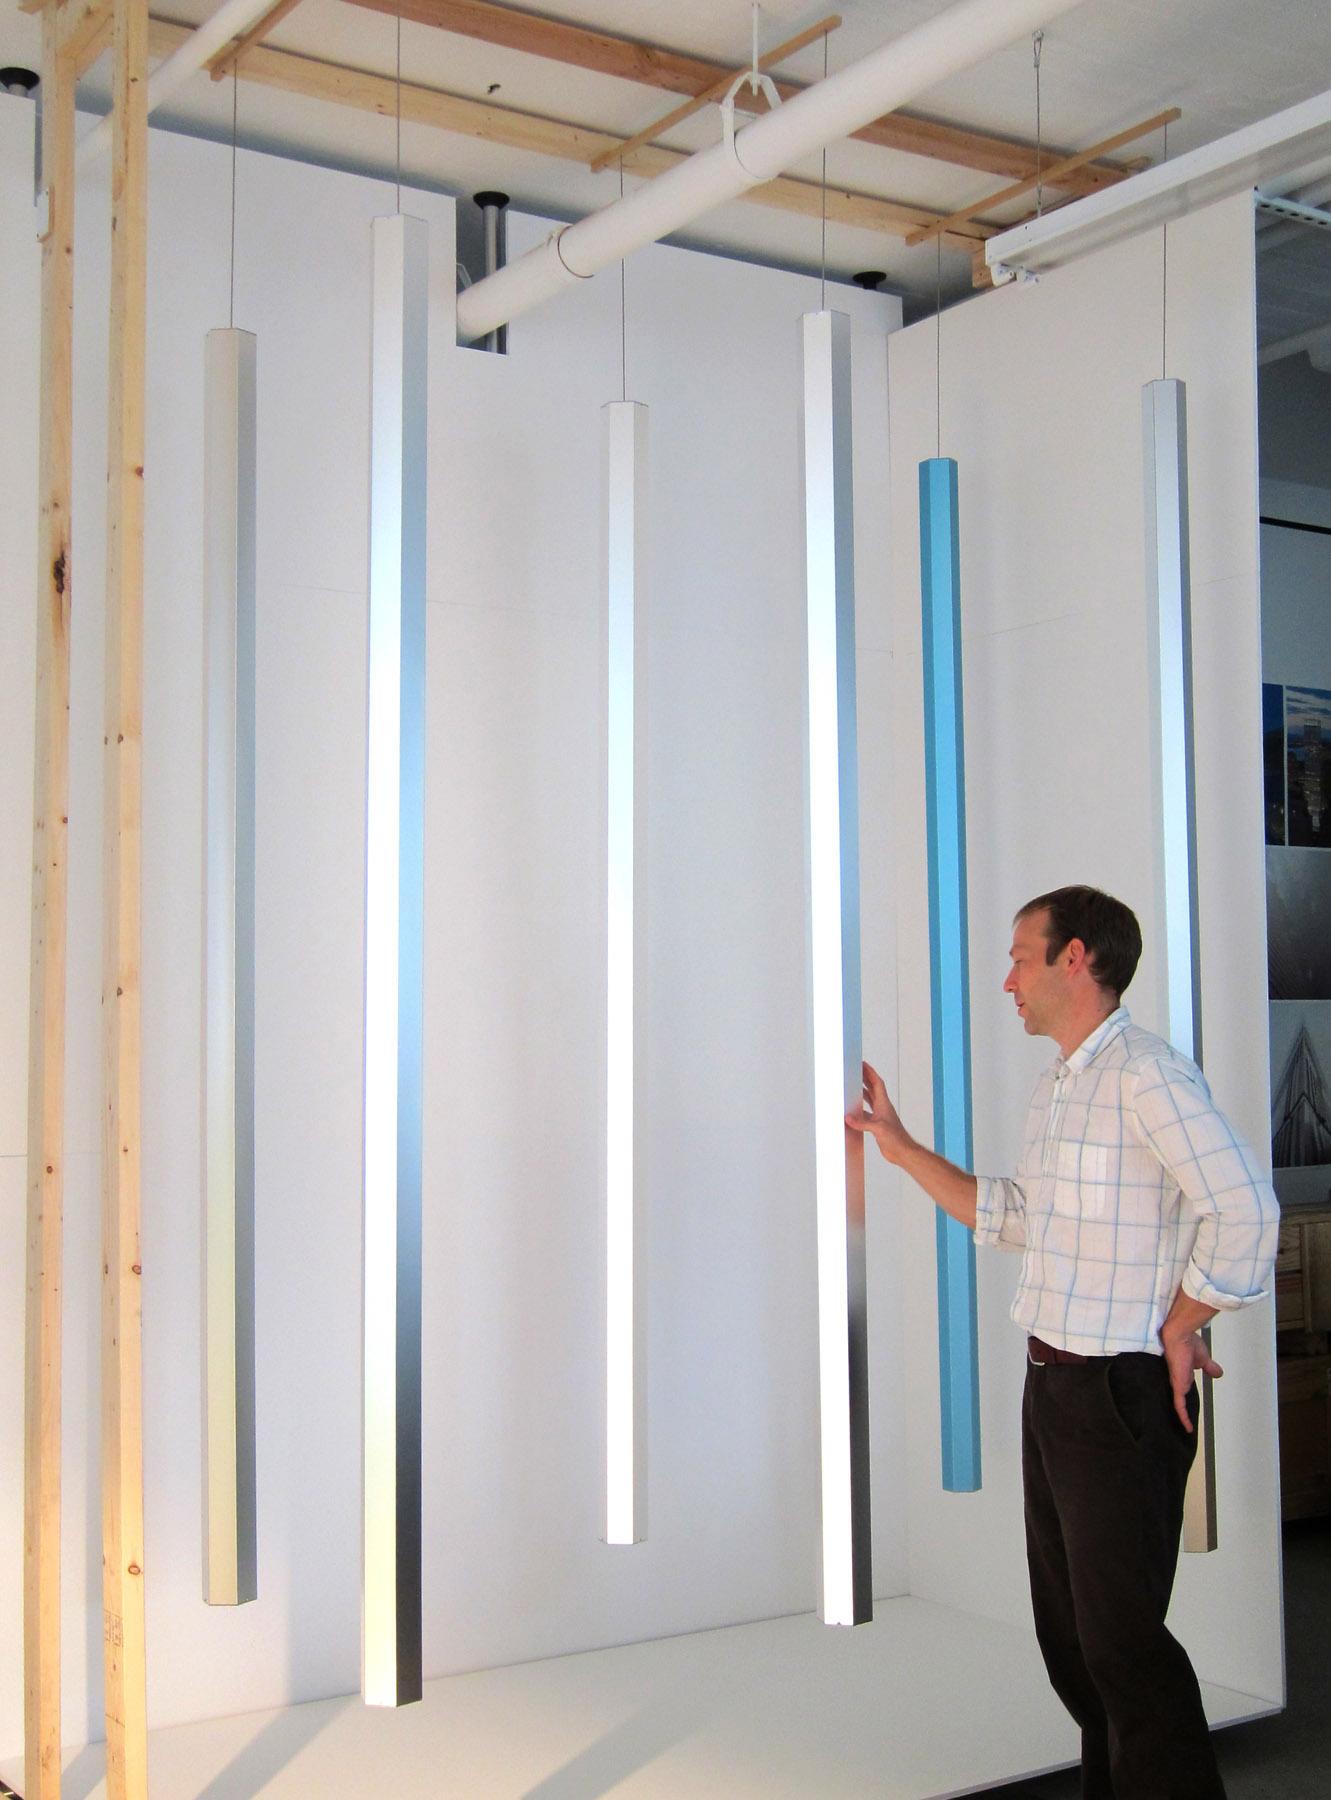 Suspended Light Pillars